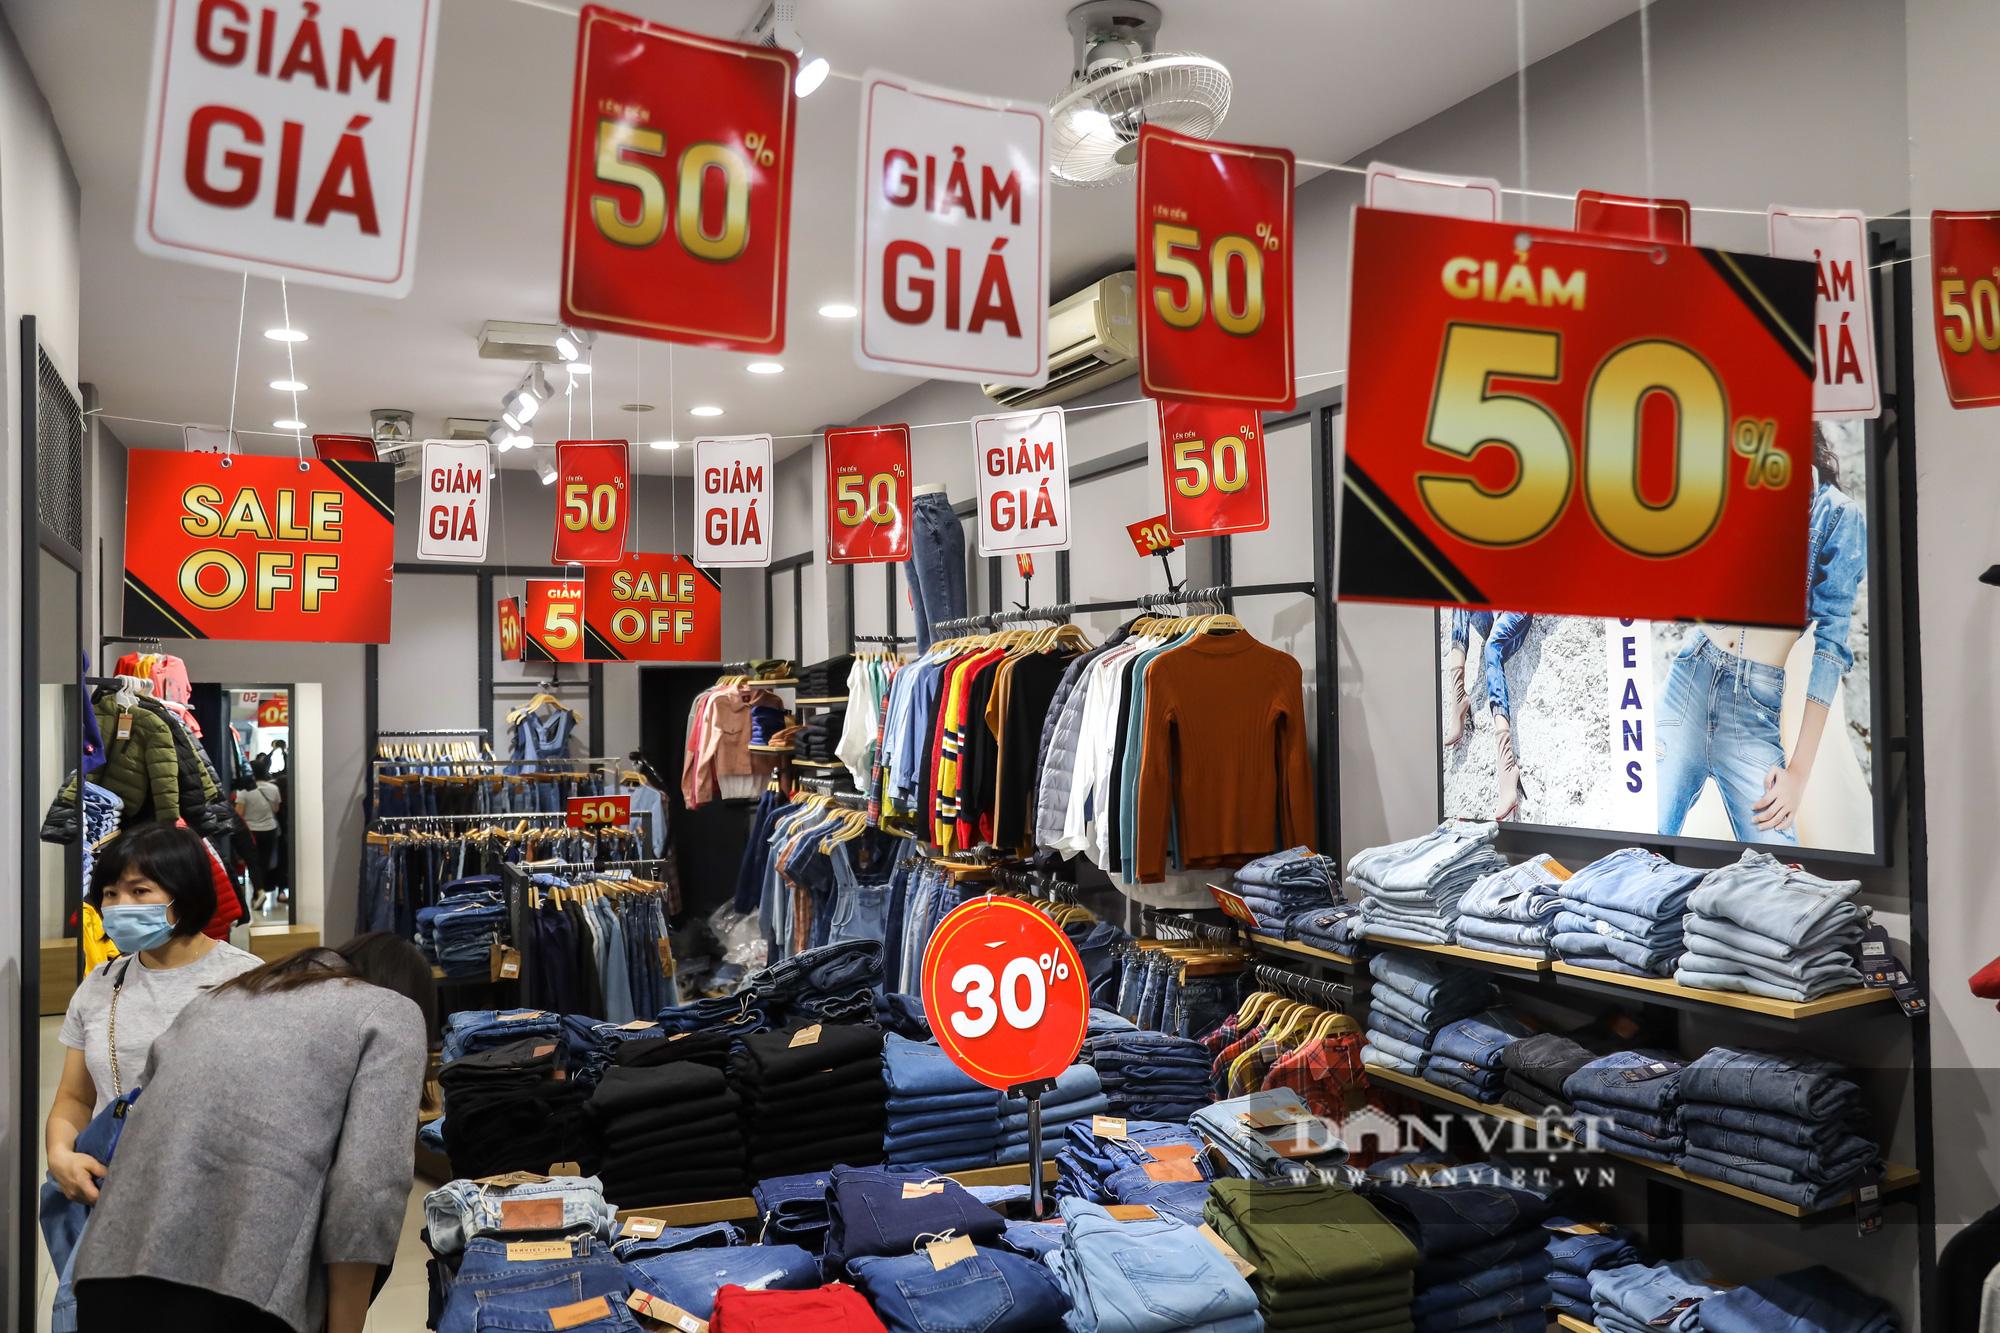 Phố thời trang Hà Nội rợp biển giảm giá 80% dù chưa đến Black Friday - Ảnh 4.